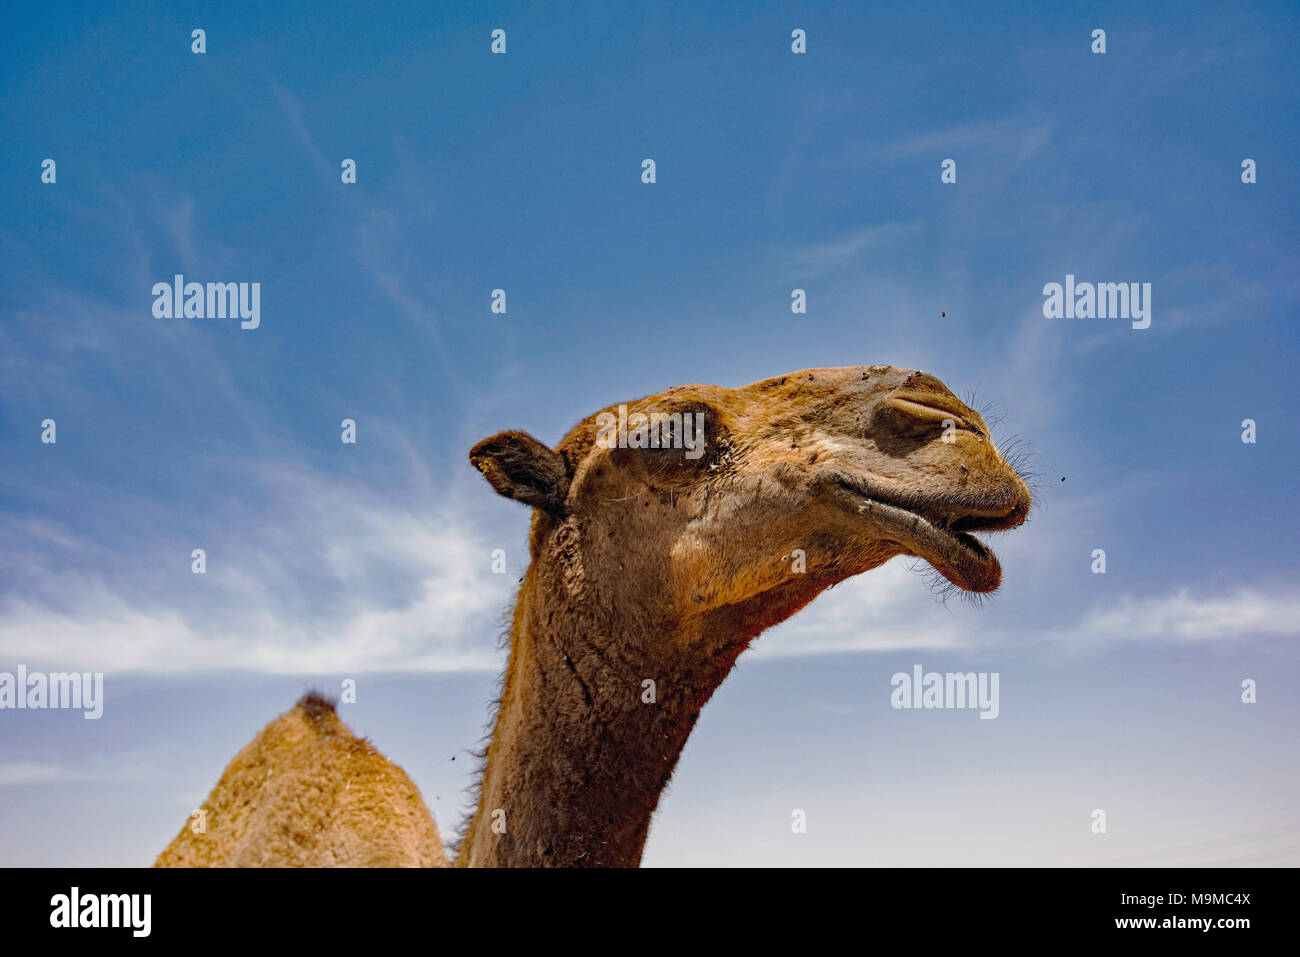 Close-ups der Kamele zum Verkauf in der Nähe von Riad, Saudi-Arabien. Stockbild